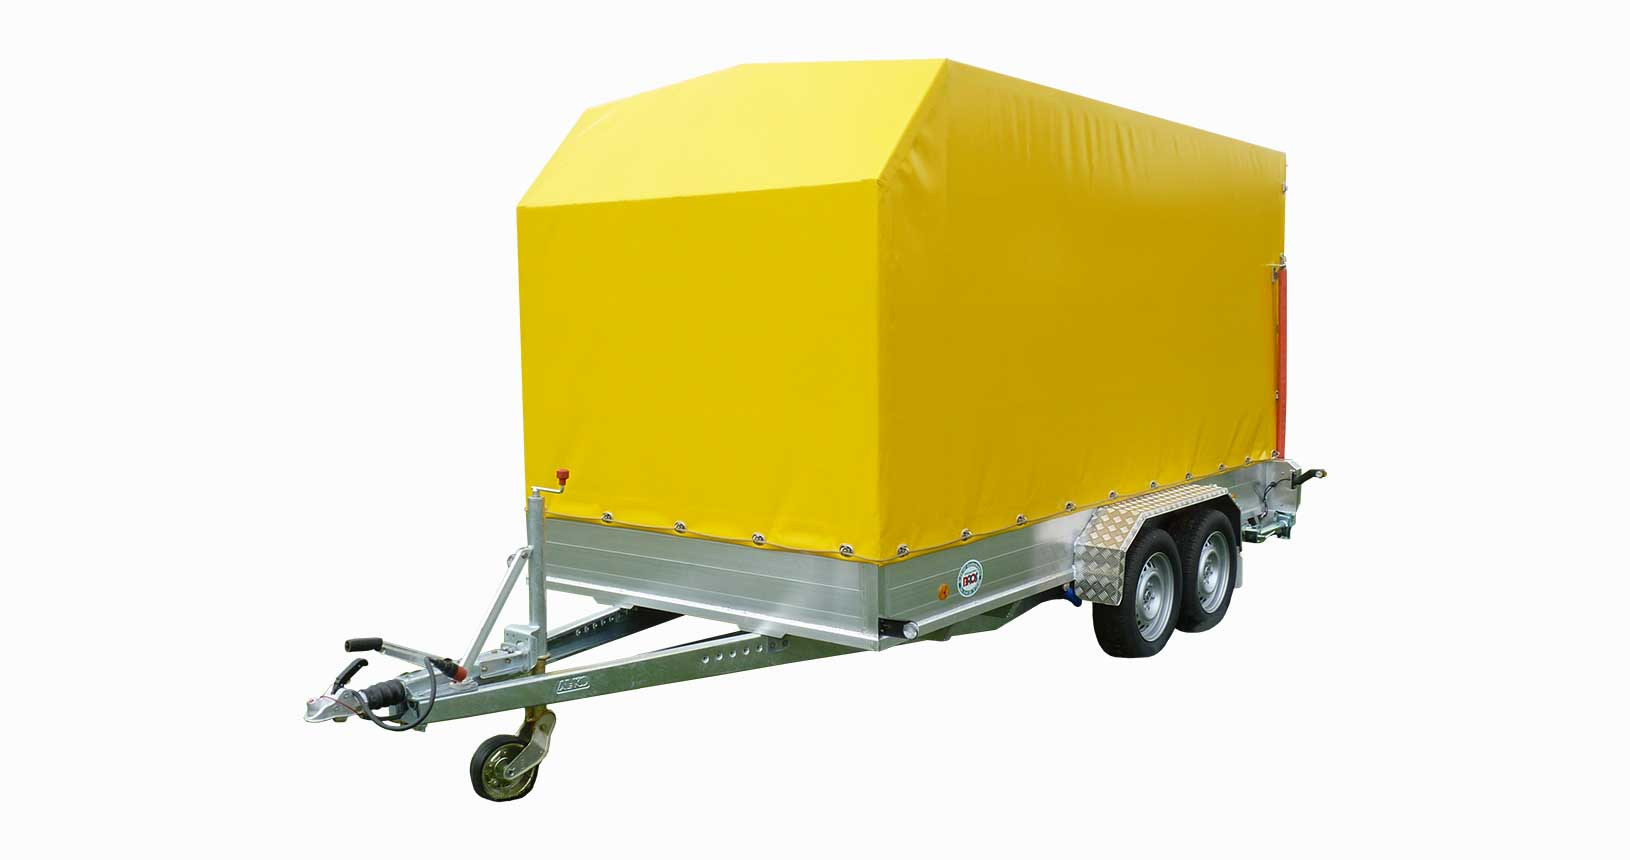 Kastenanhänger mit Hochplane gelb